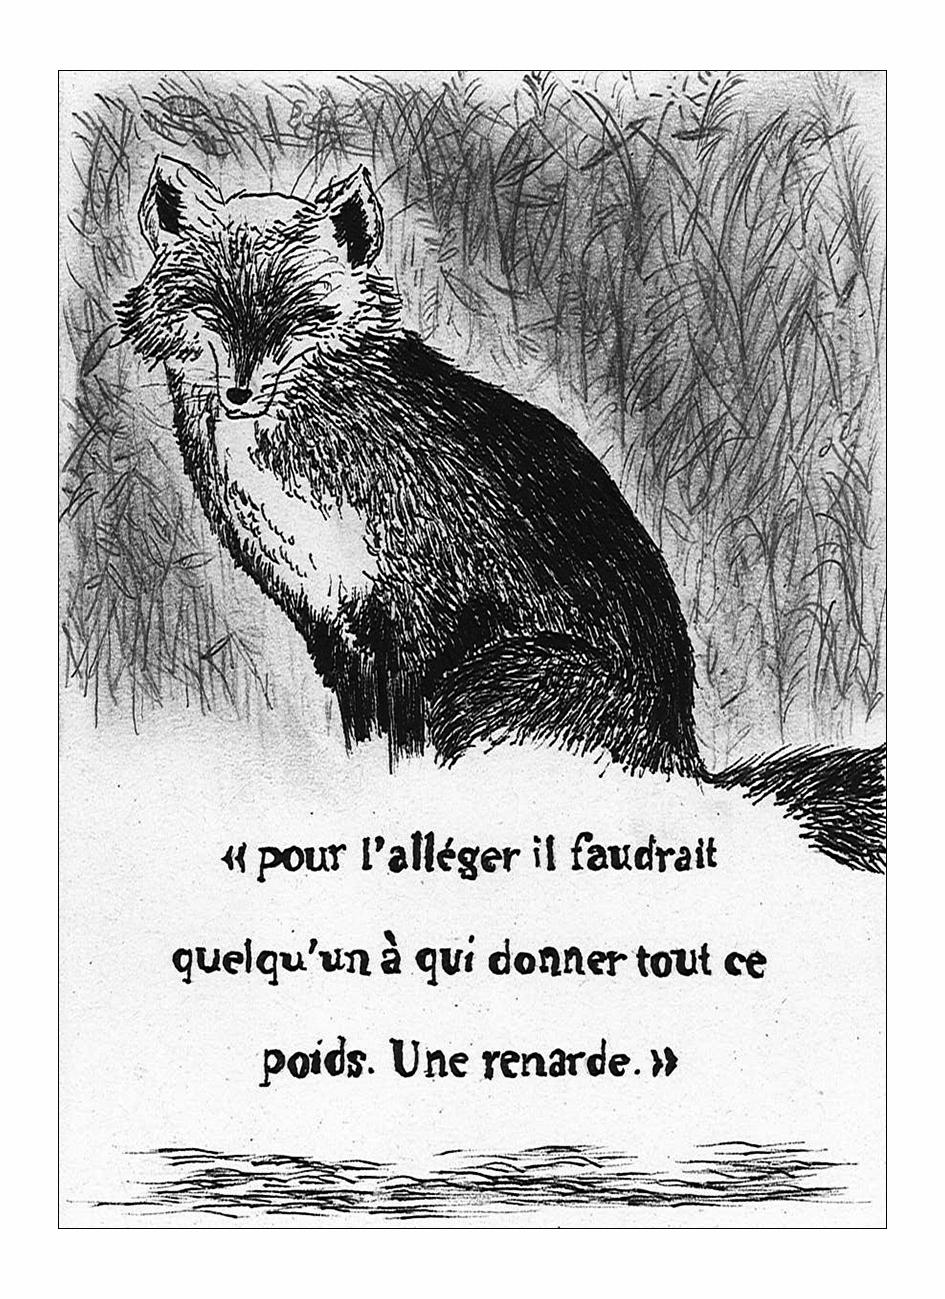 l'amour et le renard - aymeric hainaux - 2014 - 04